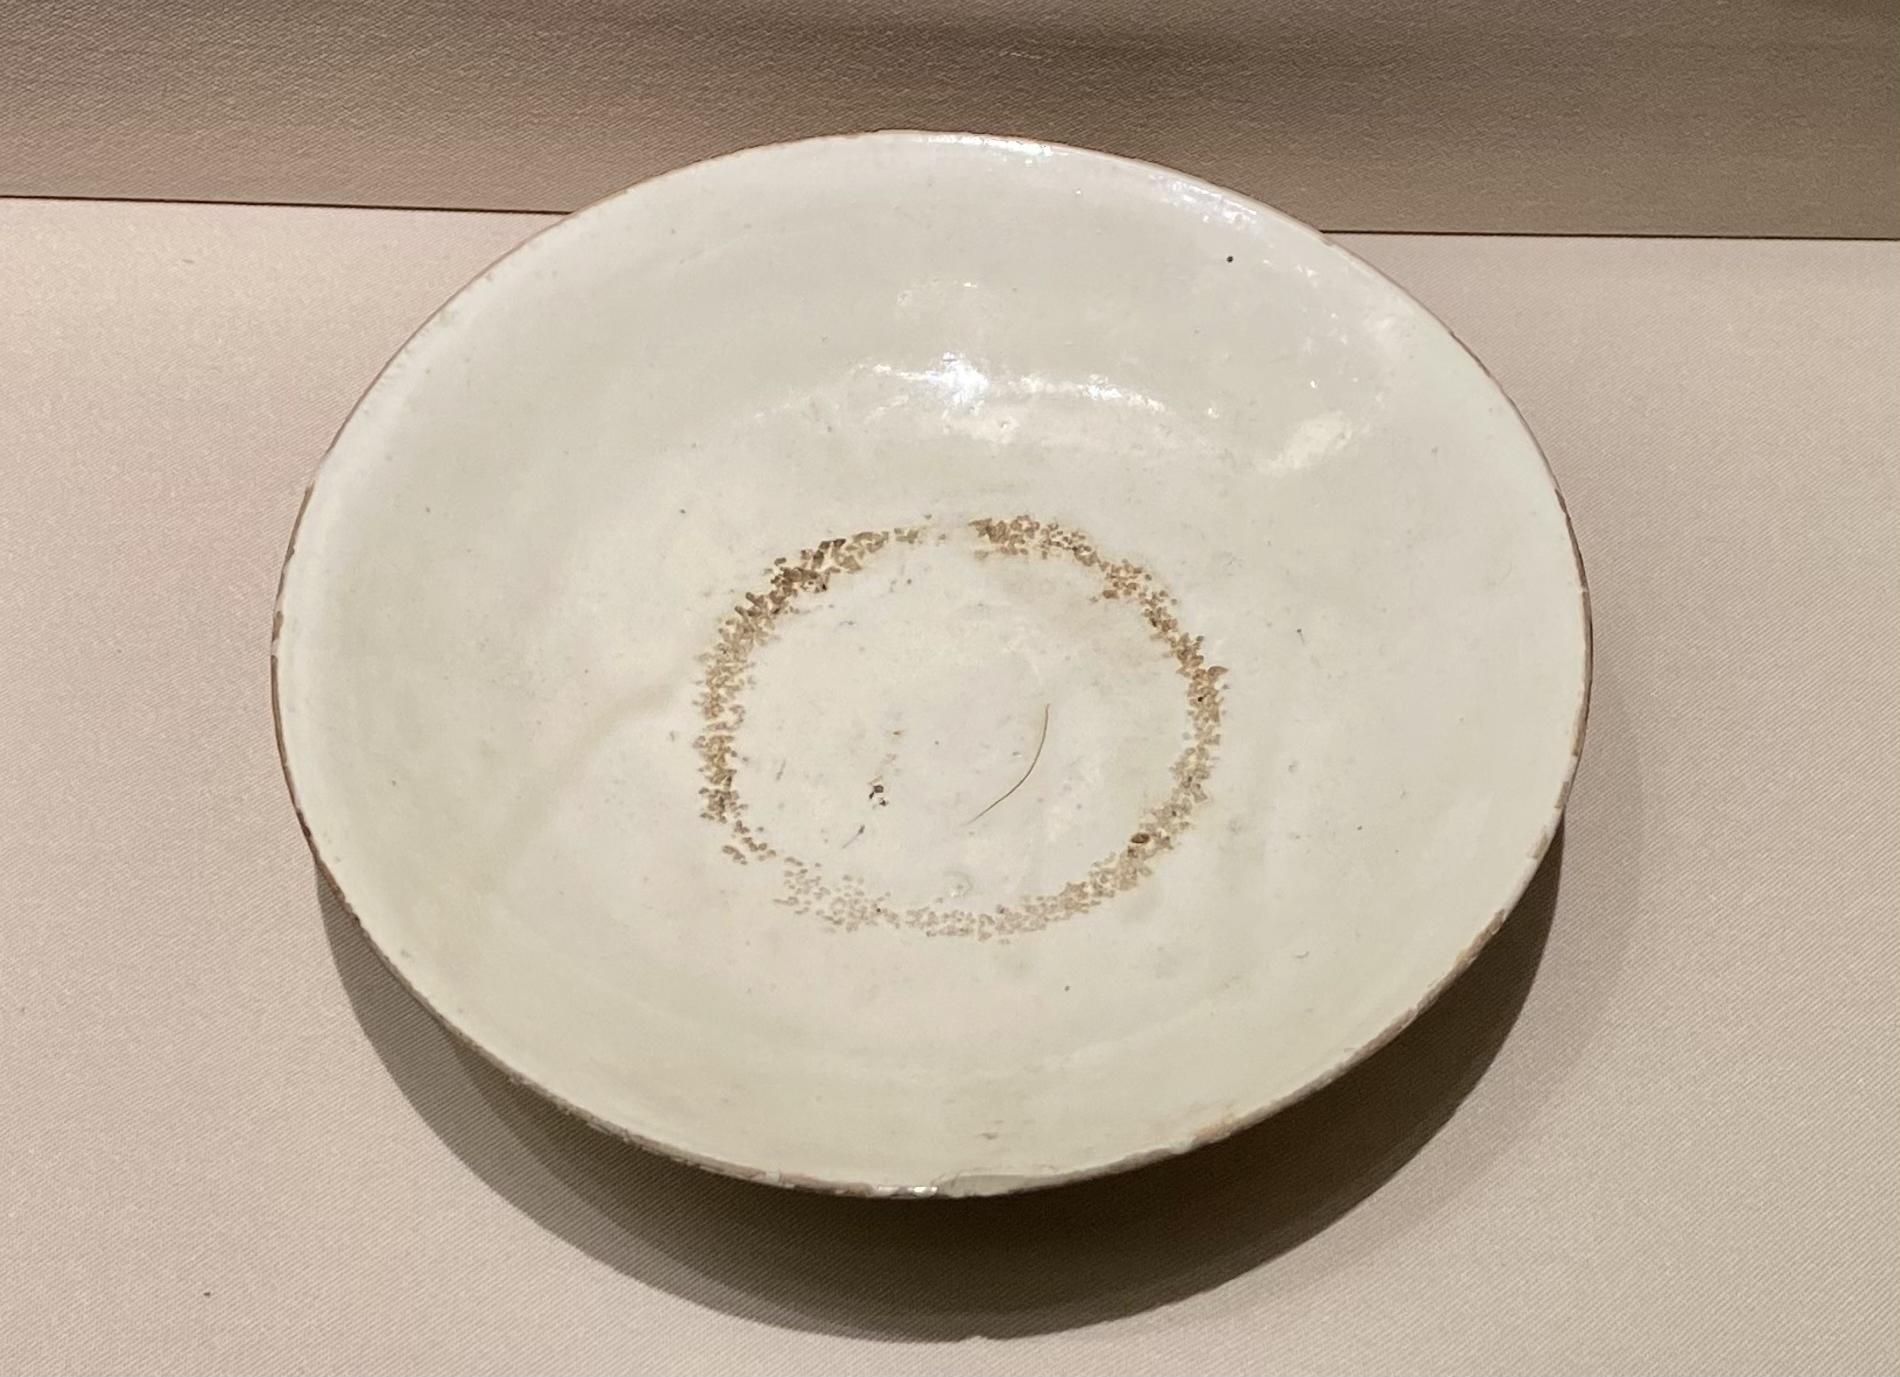 白磁盤-唐時代-巡回特別展【天歌長歌-唐蕃古道】-四川博物館